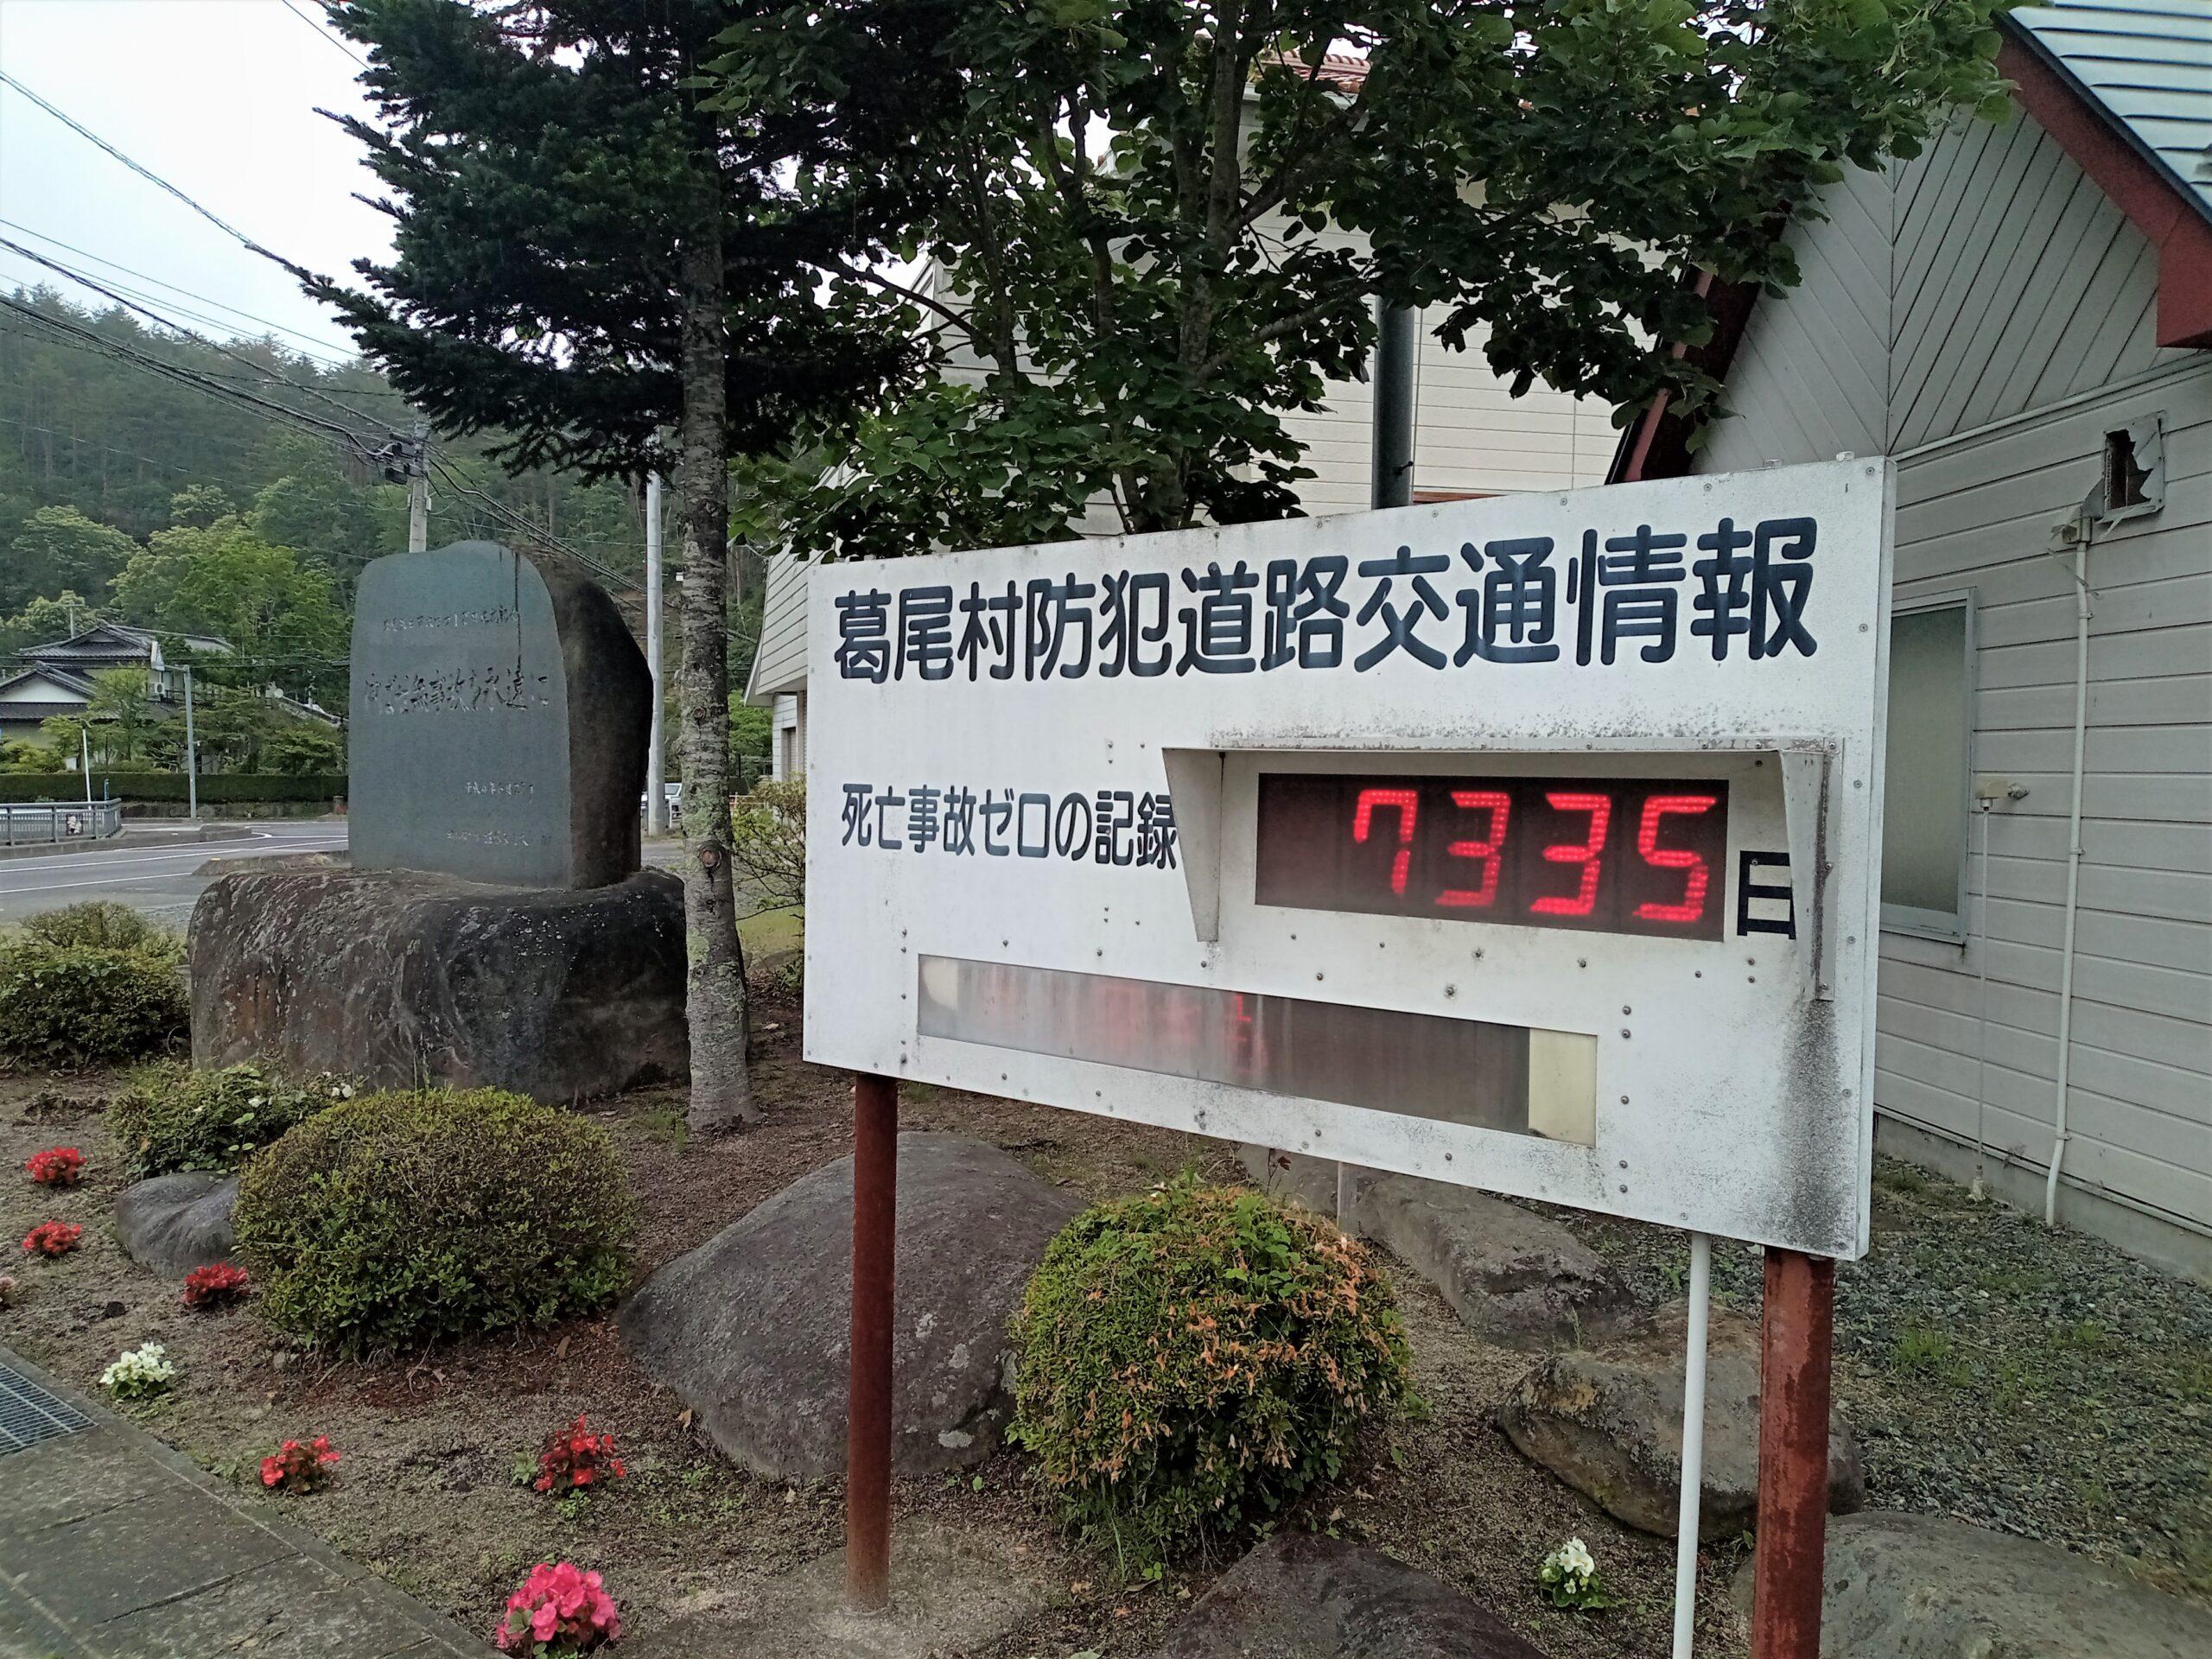 葛尾村中心部に設置された交通死亡事故ゼロの記録案内板